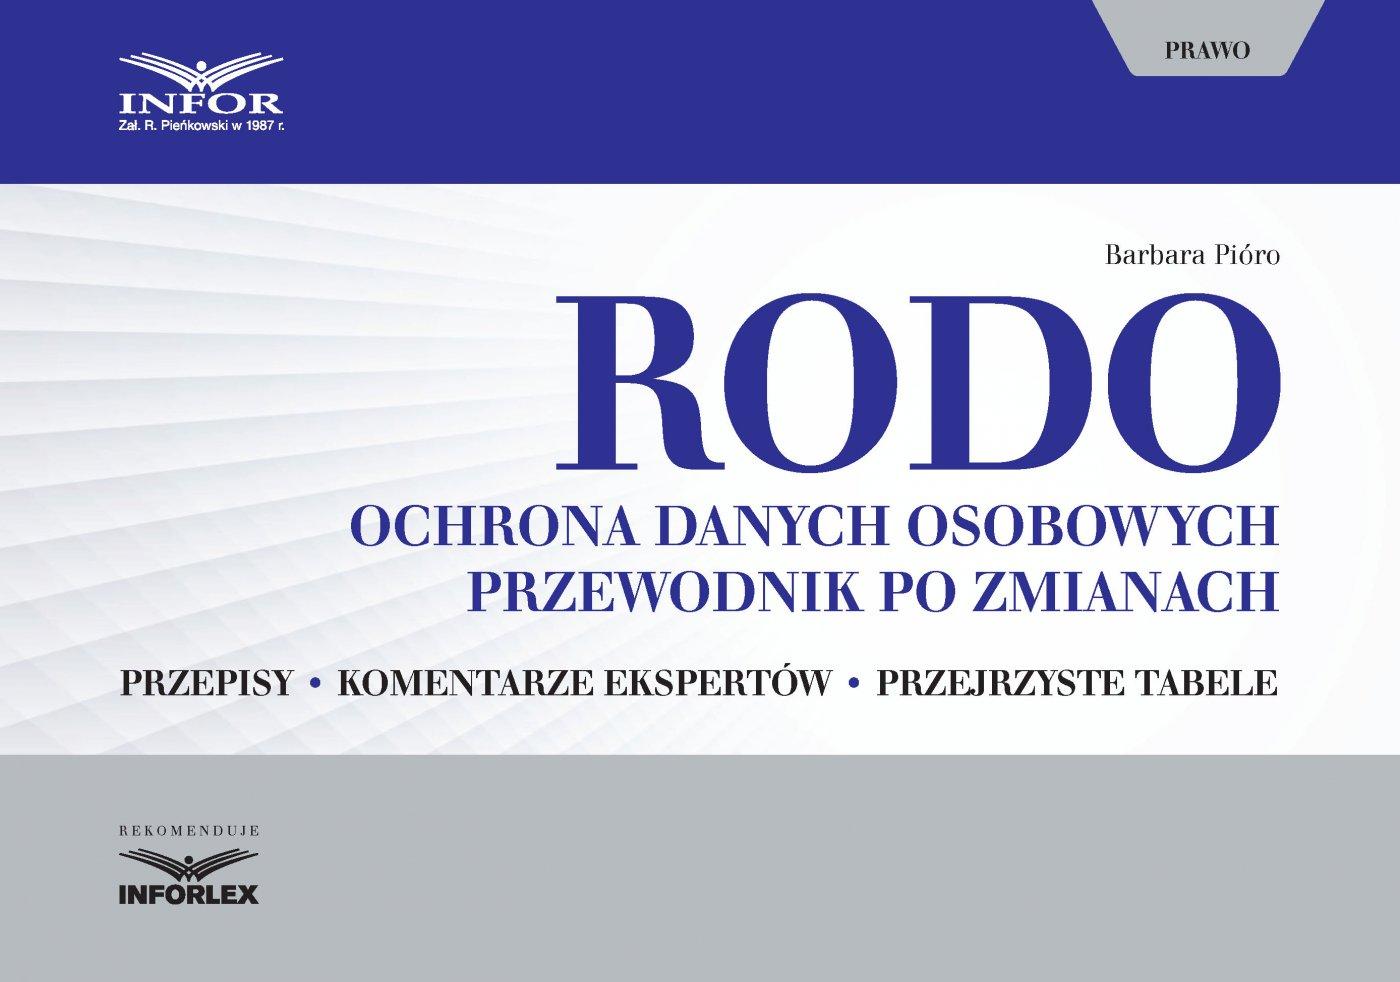 RODO. Ochrona danych osobowych. Przewodnik po zmianach - Ebook (Książka PDF) do pobrania w formacie PDF